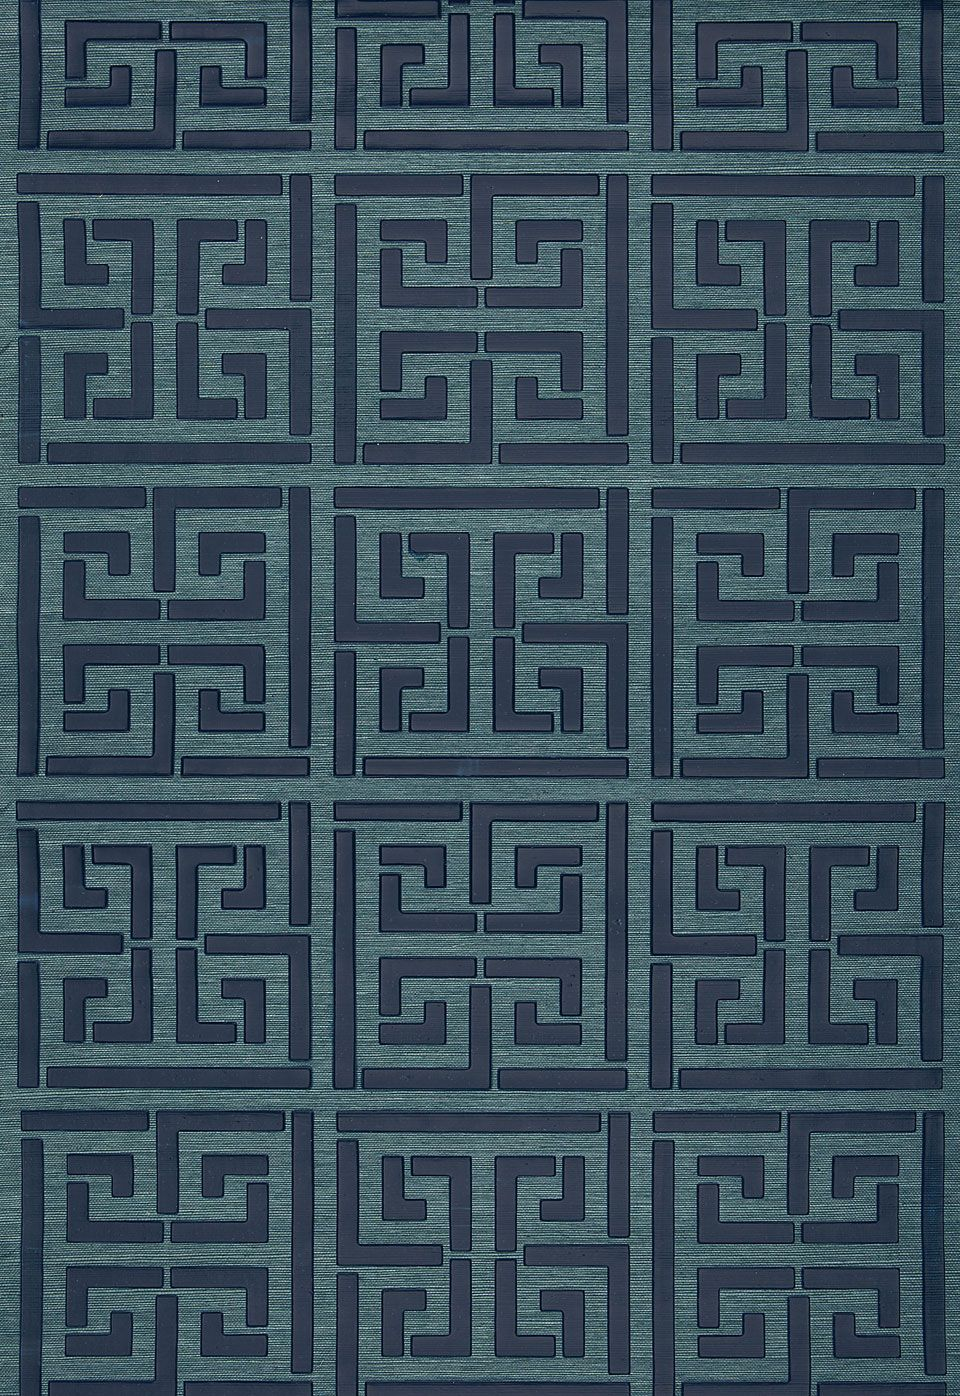 wallcovering  wallpaper  greek key sisal in peacock  schumacher  - wallcovering  wallpaper  greek key sisal in peacock  schumacher